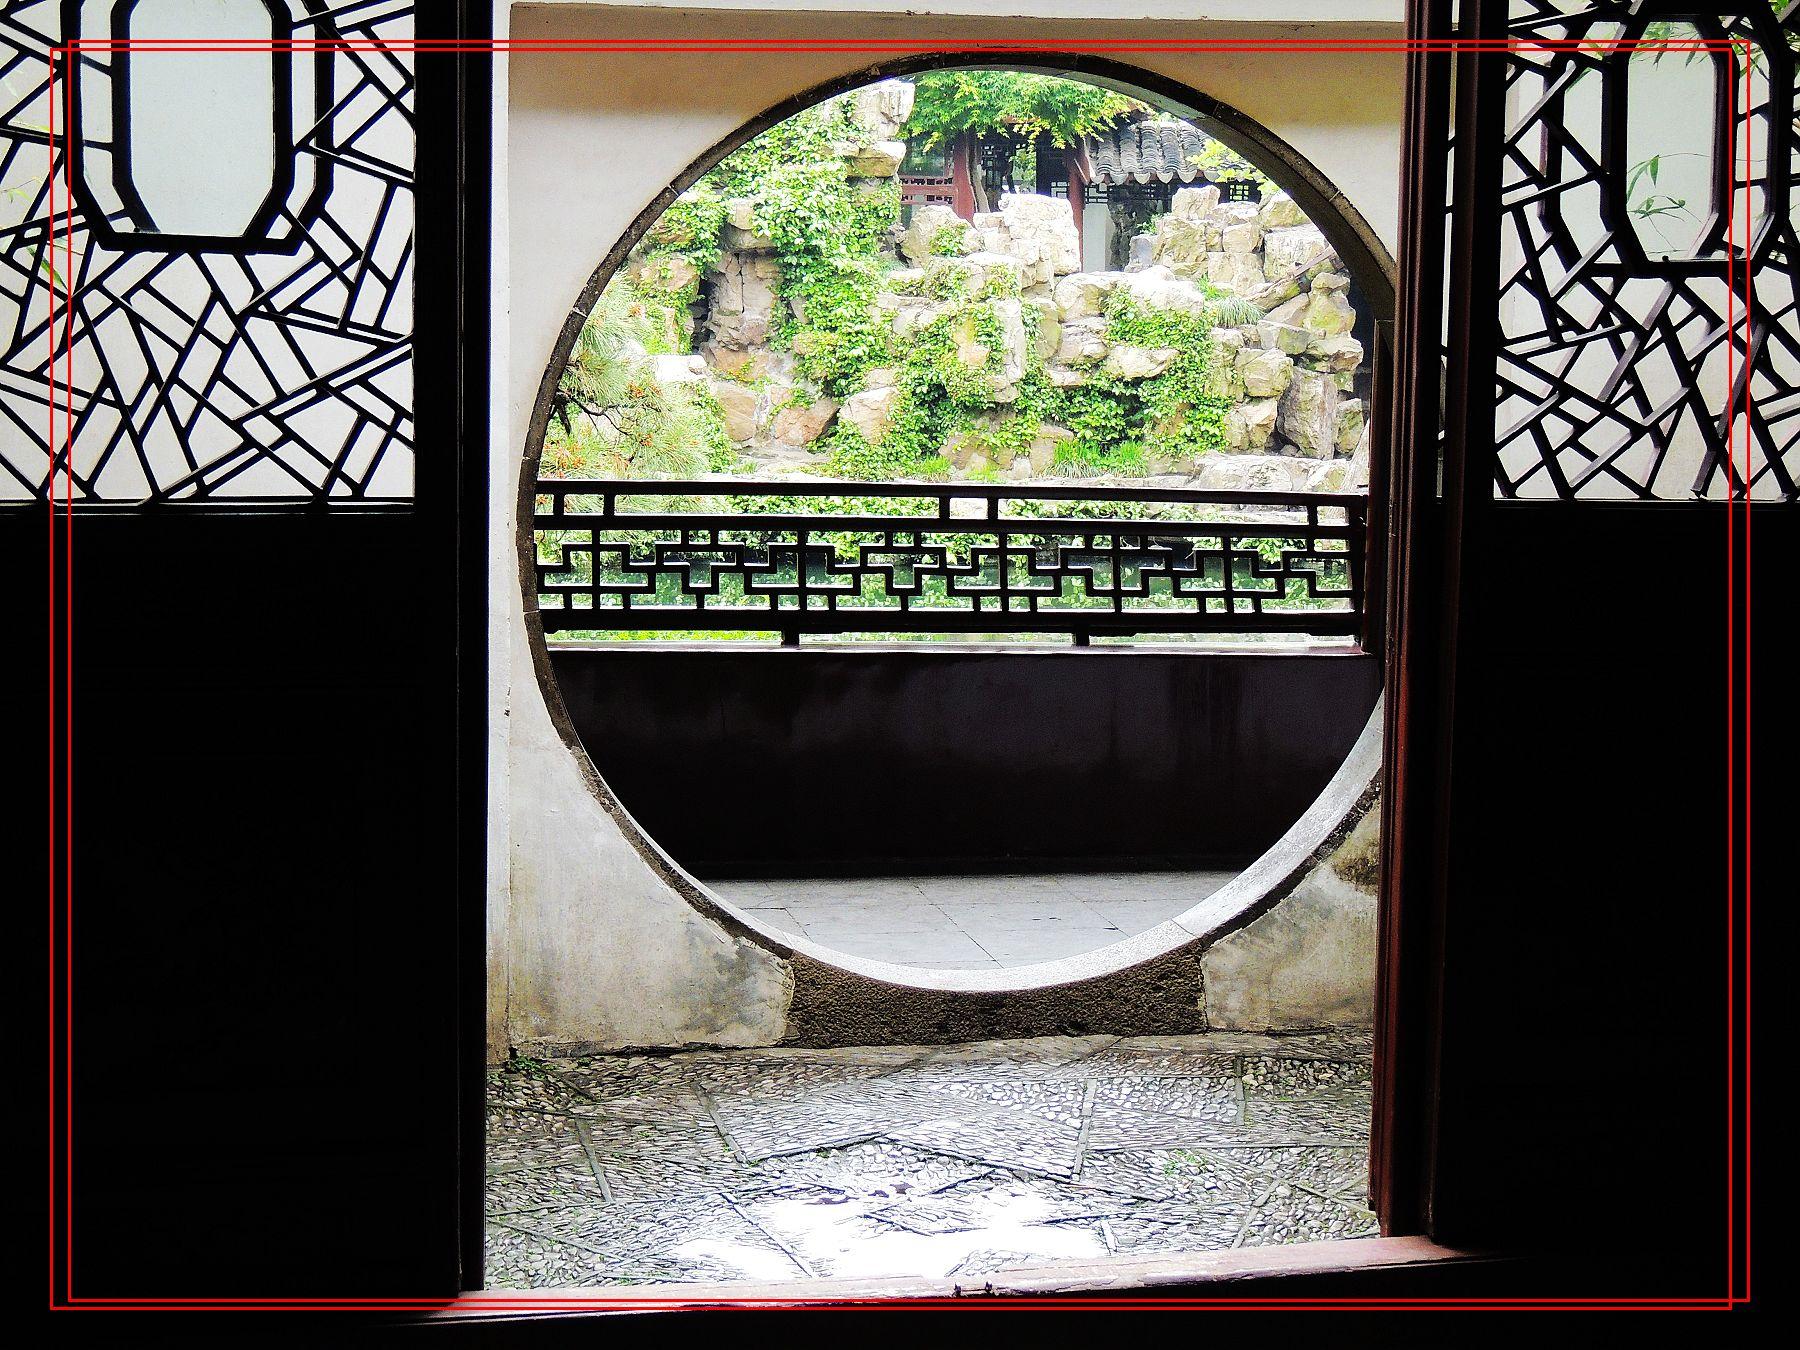 网师园的玉碗金盘_苏州旅游攻略_骑行圈_自行海南岛春节攻略图片